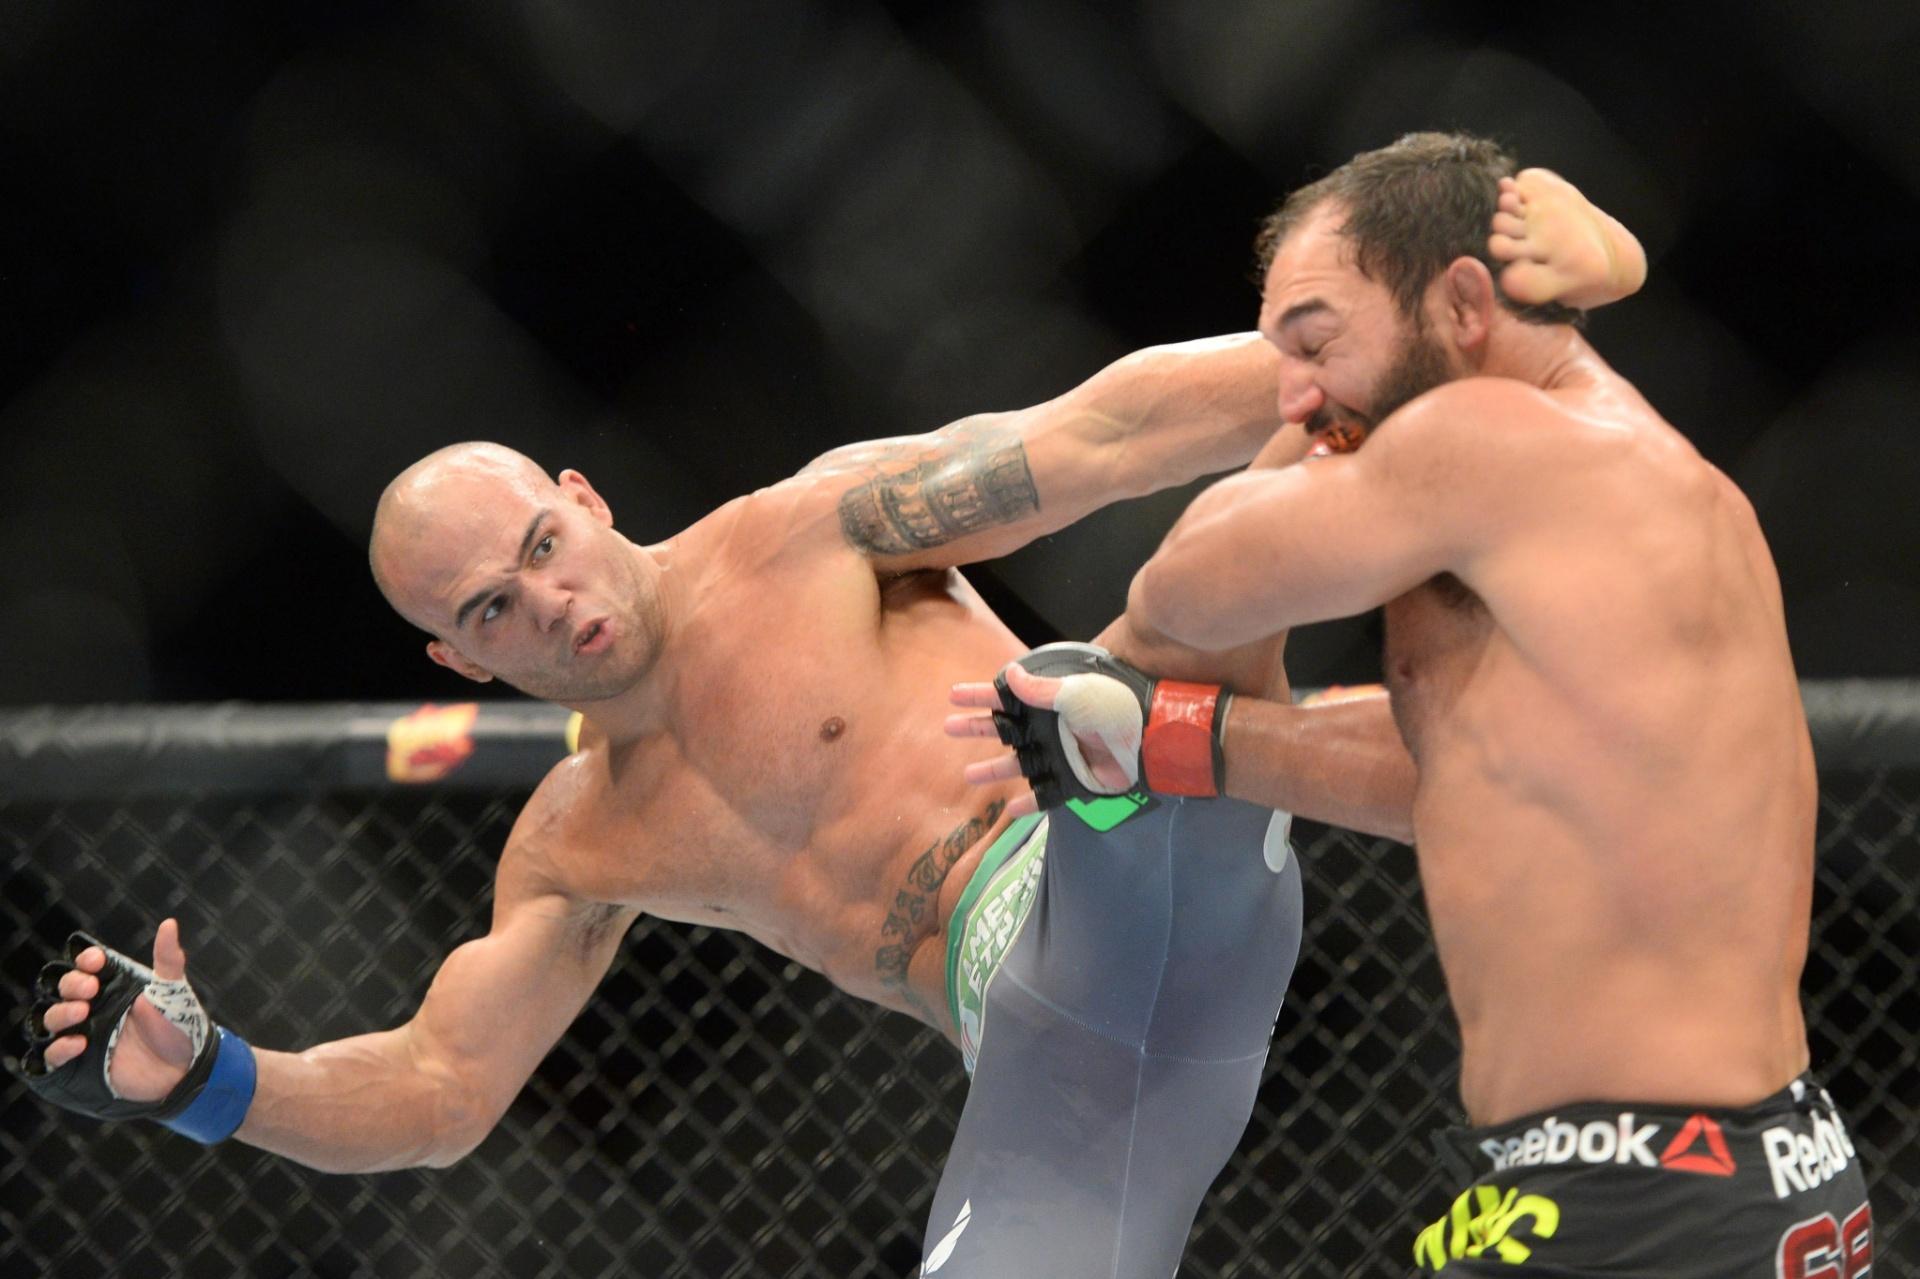 Robbie Lawler acerta Hendricks com um chute na cabeça durante sua vitória no UFC 181